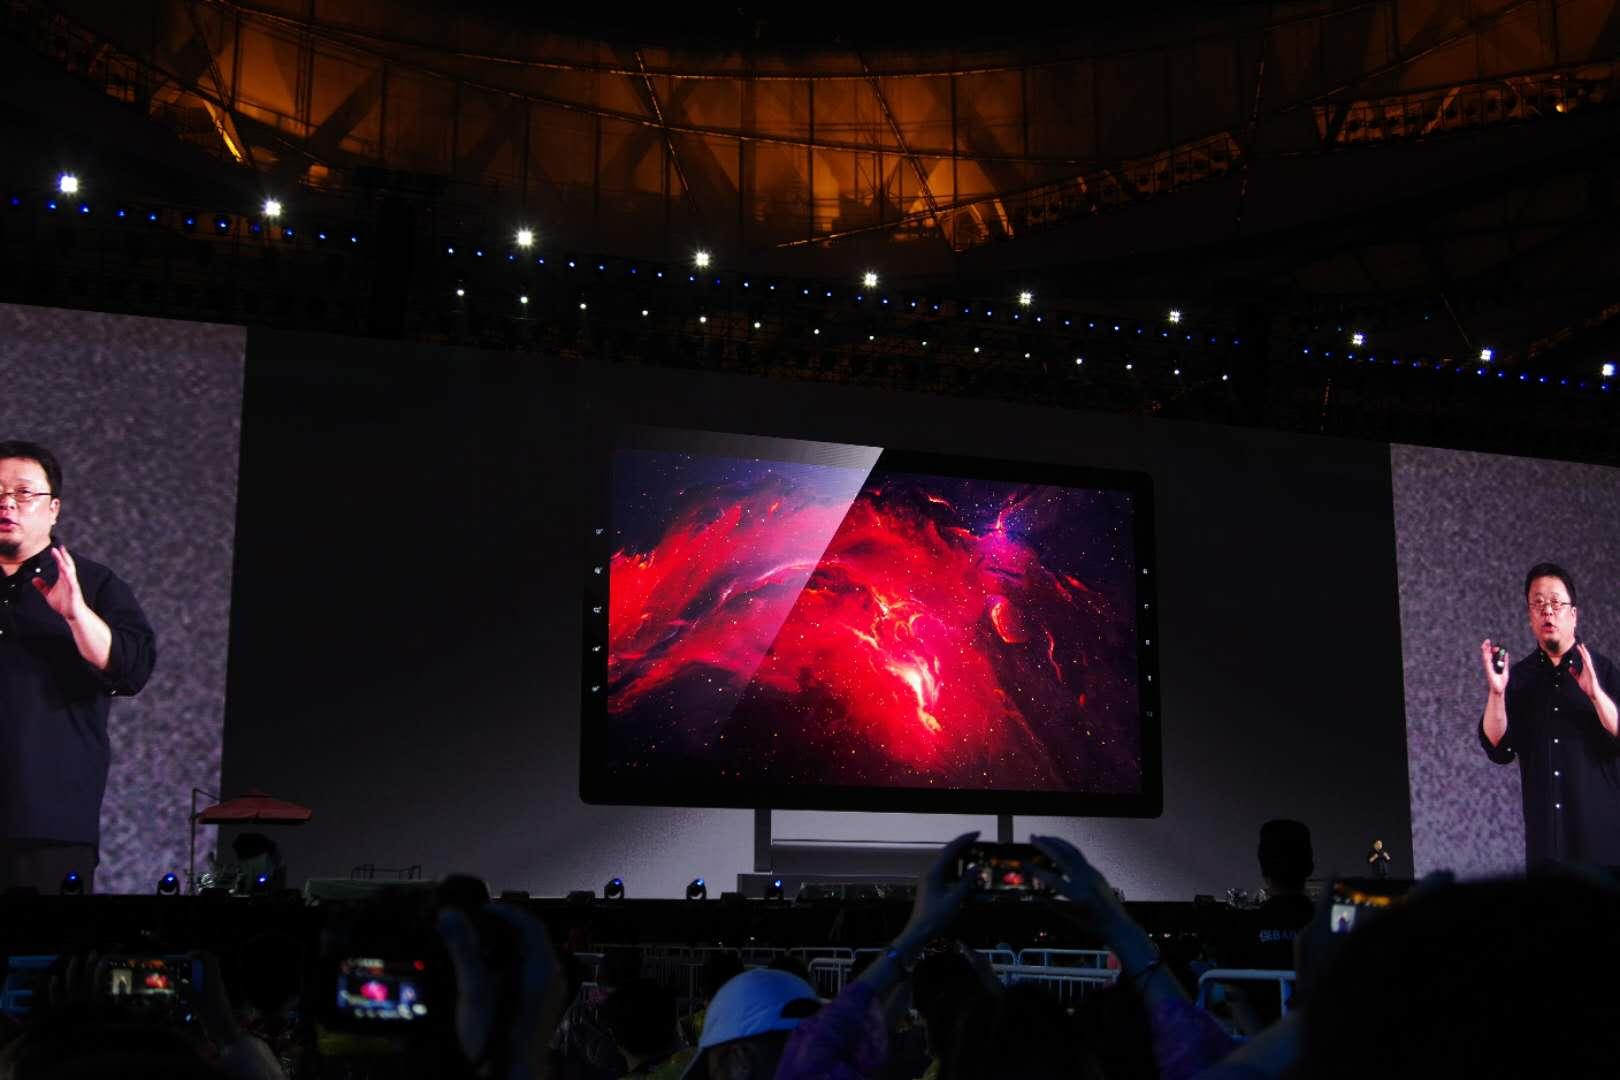 全面屏、TNT......这十个关键字可概括2018手机市场